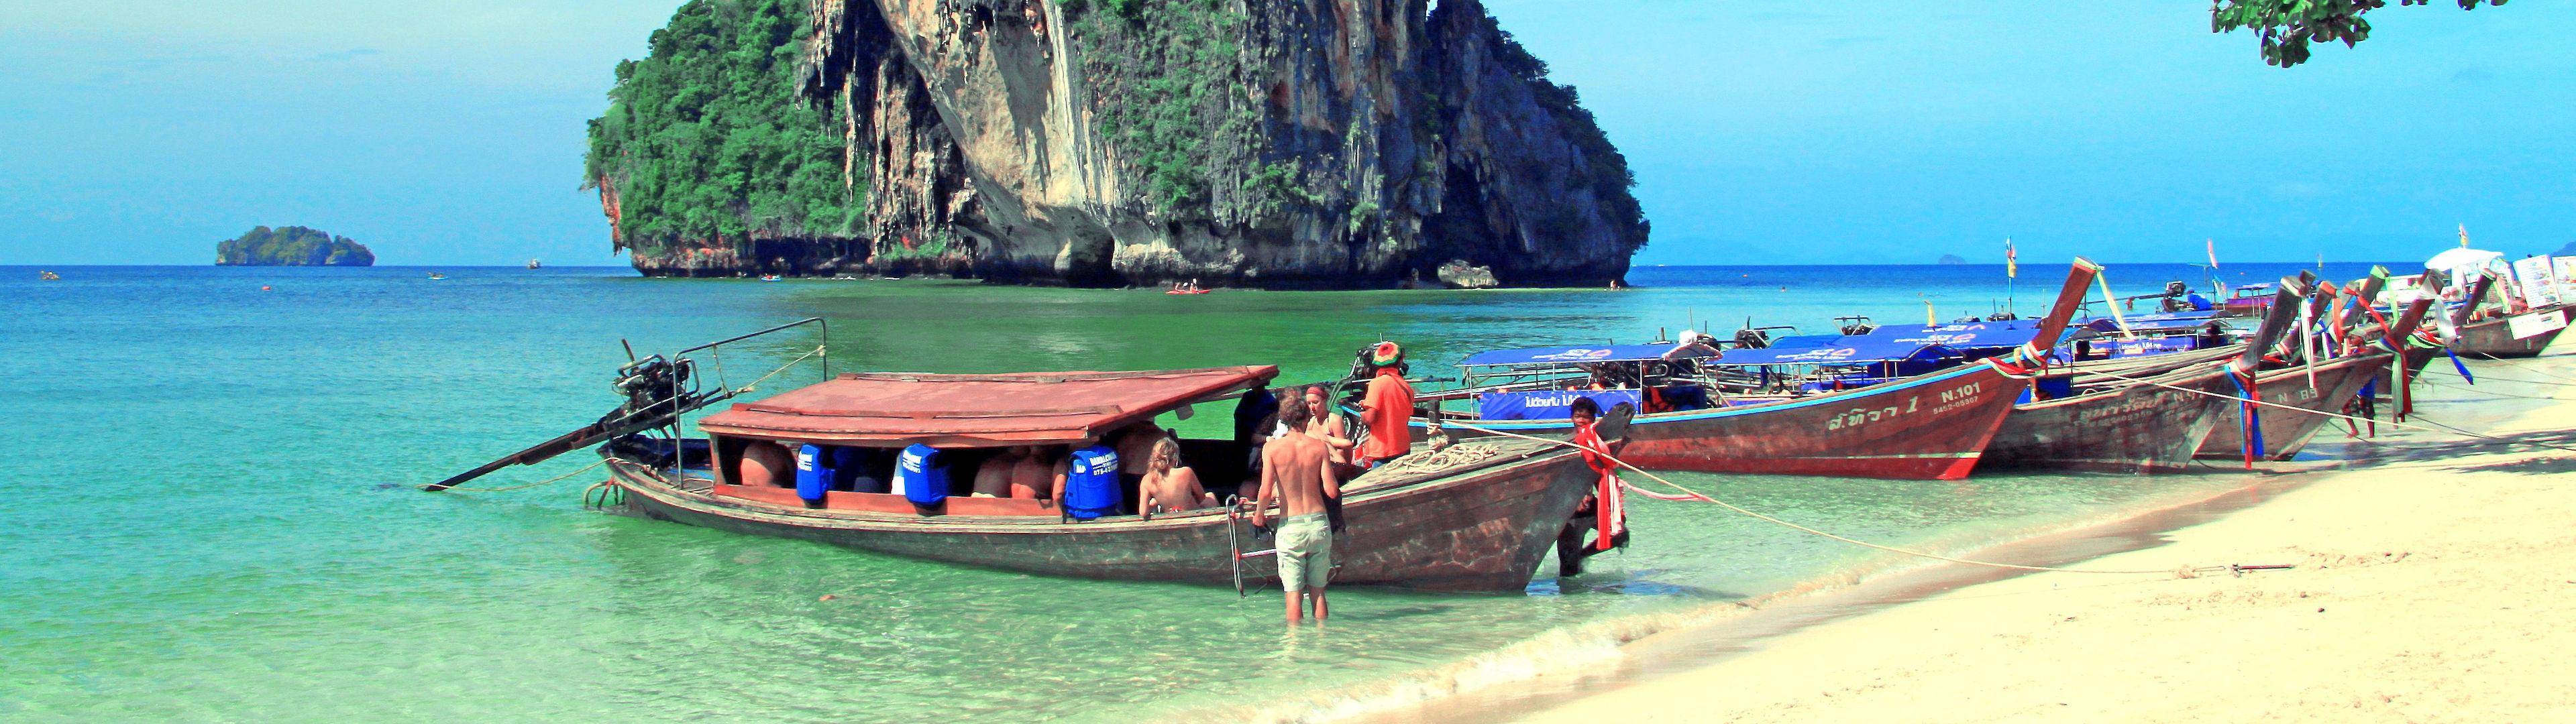 thailand beach.jpg